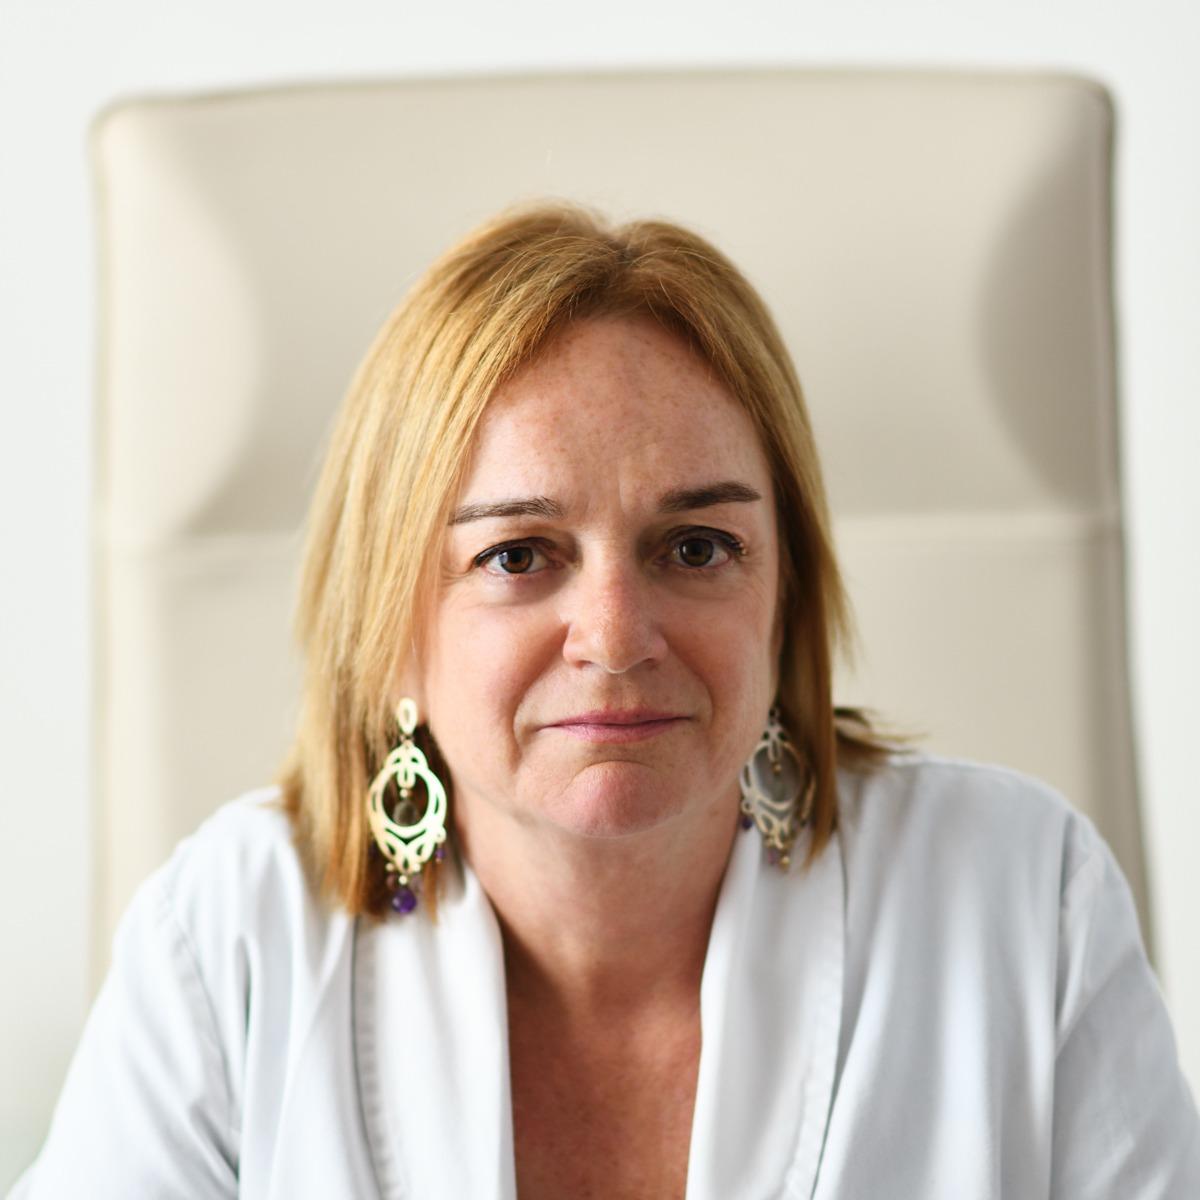 Dra. María J. Ferreirós Conde